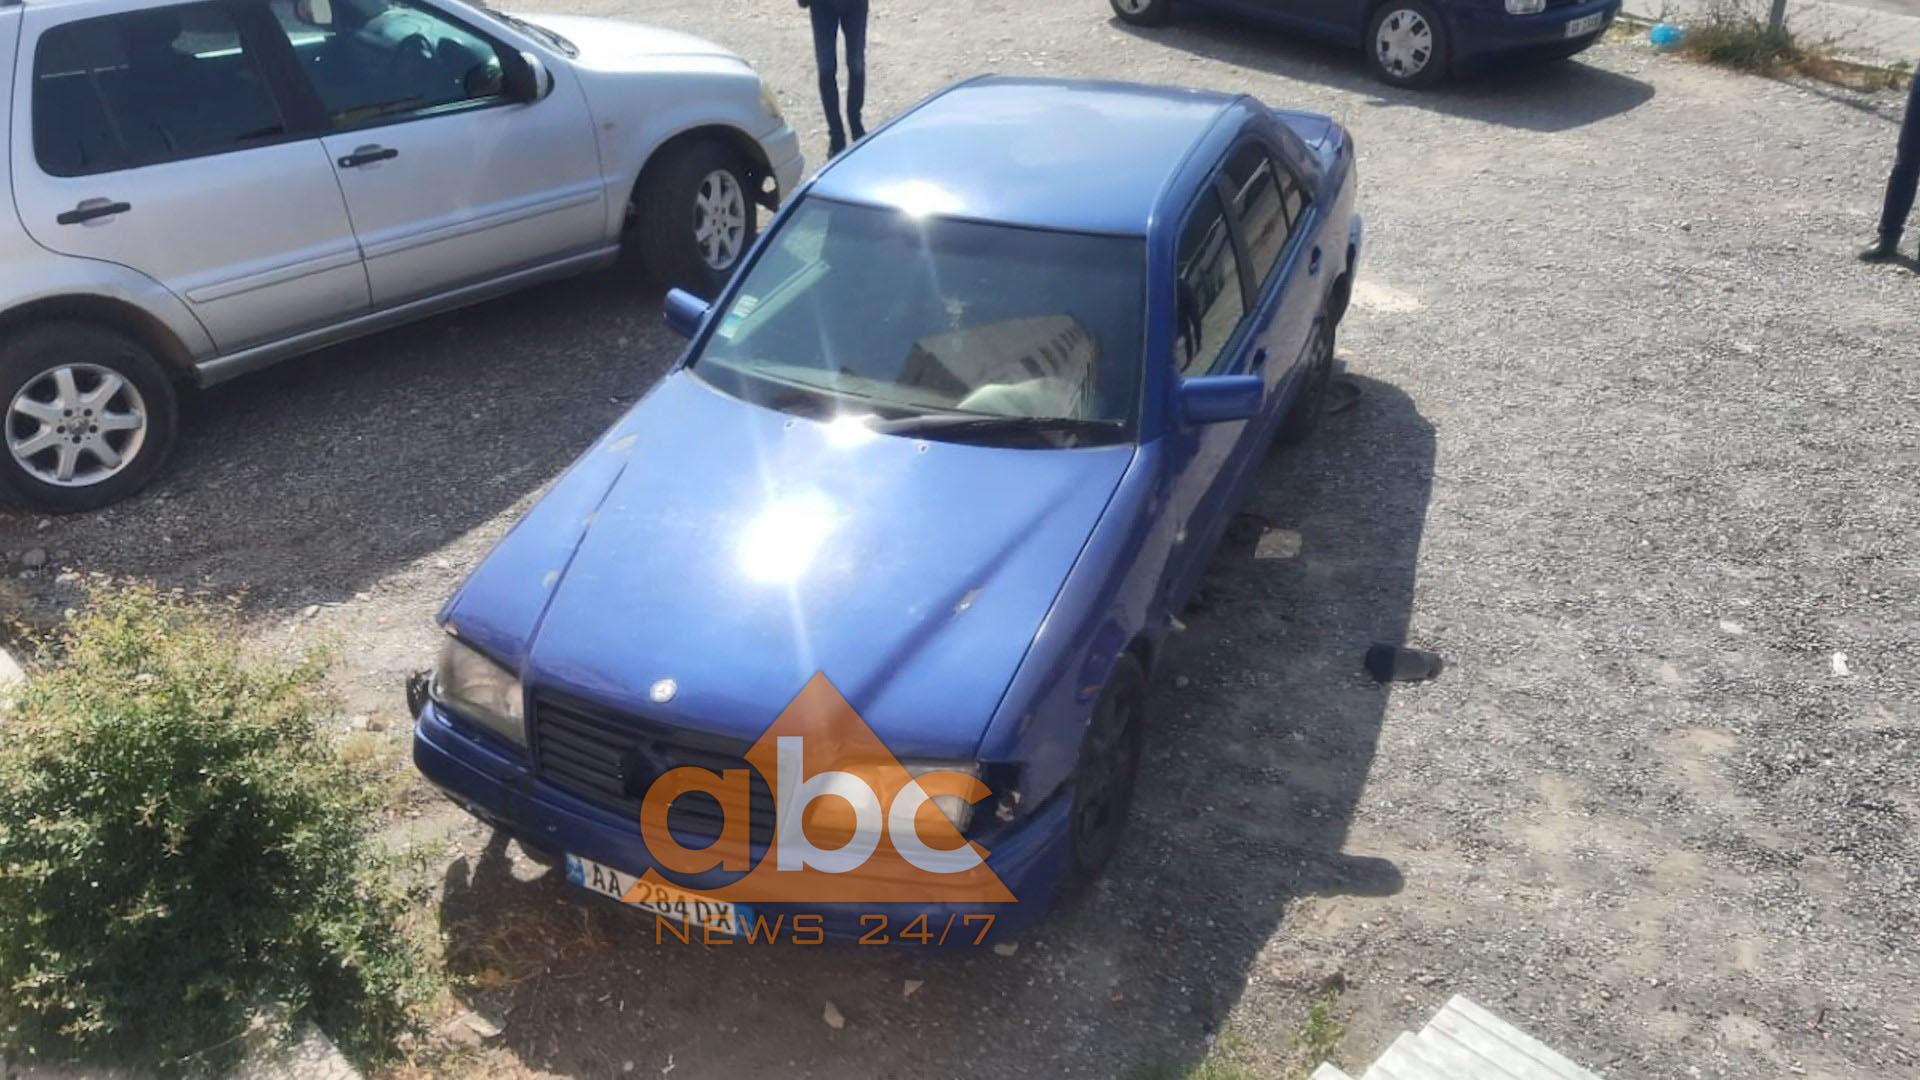 Shpërthim në Shkodër, tritol makinës së një polici